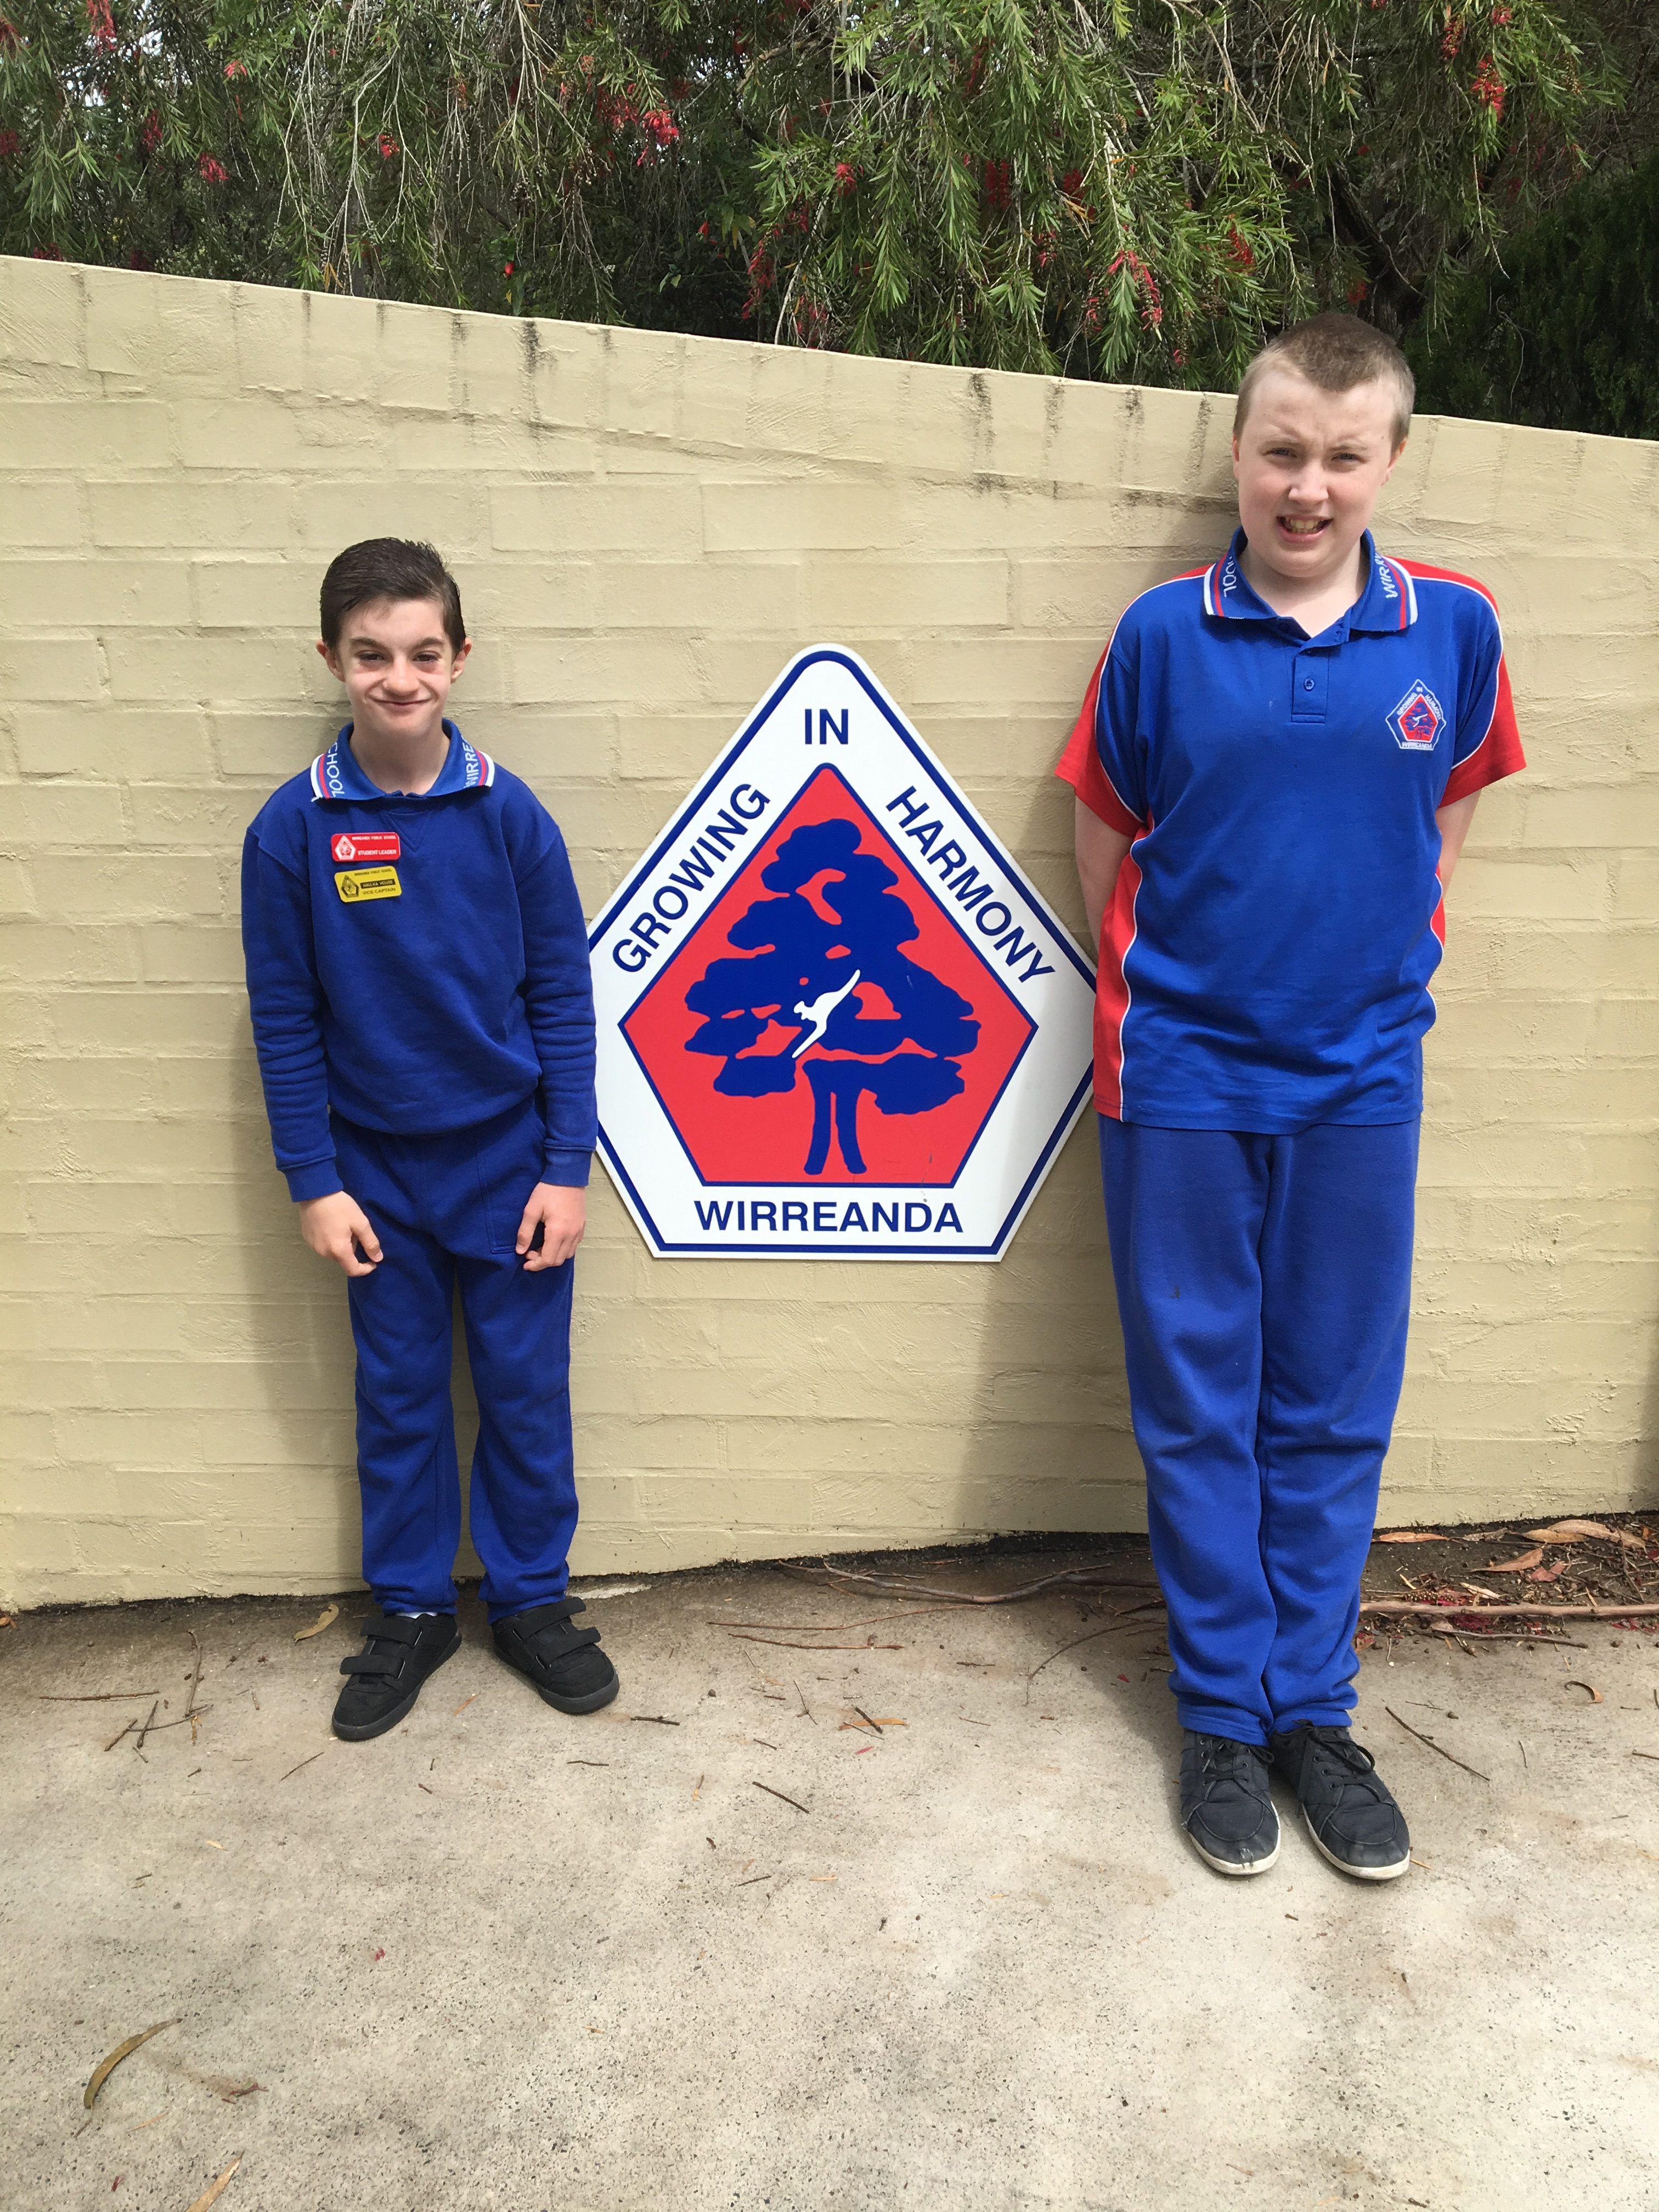 Otto van de Wijgaart and Joel Cunningham standing next to the Wirreanda Public School crest.